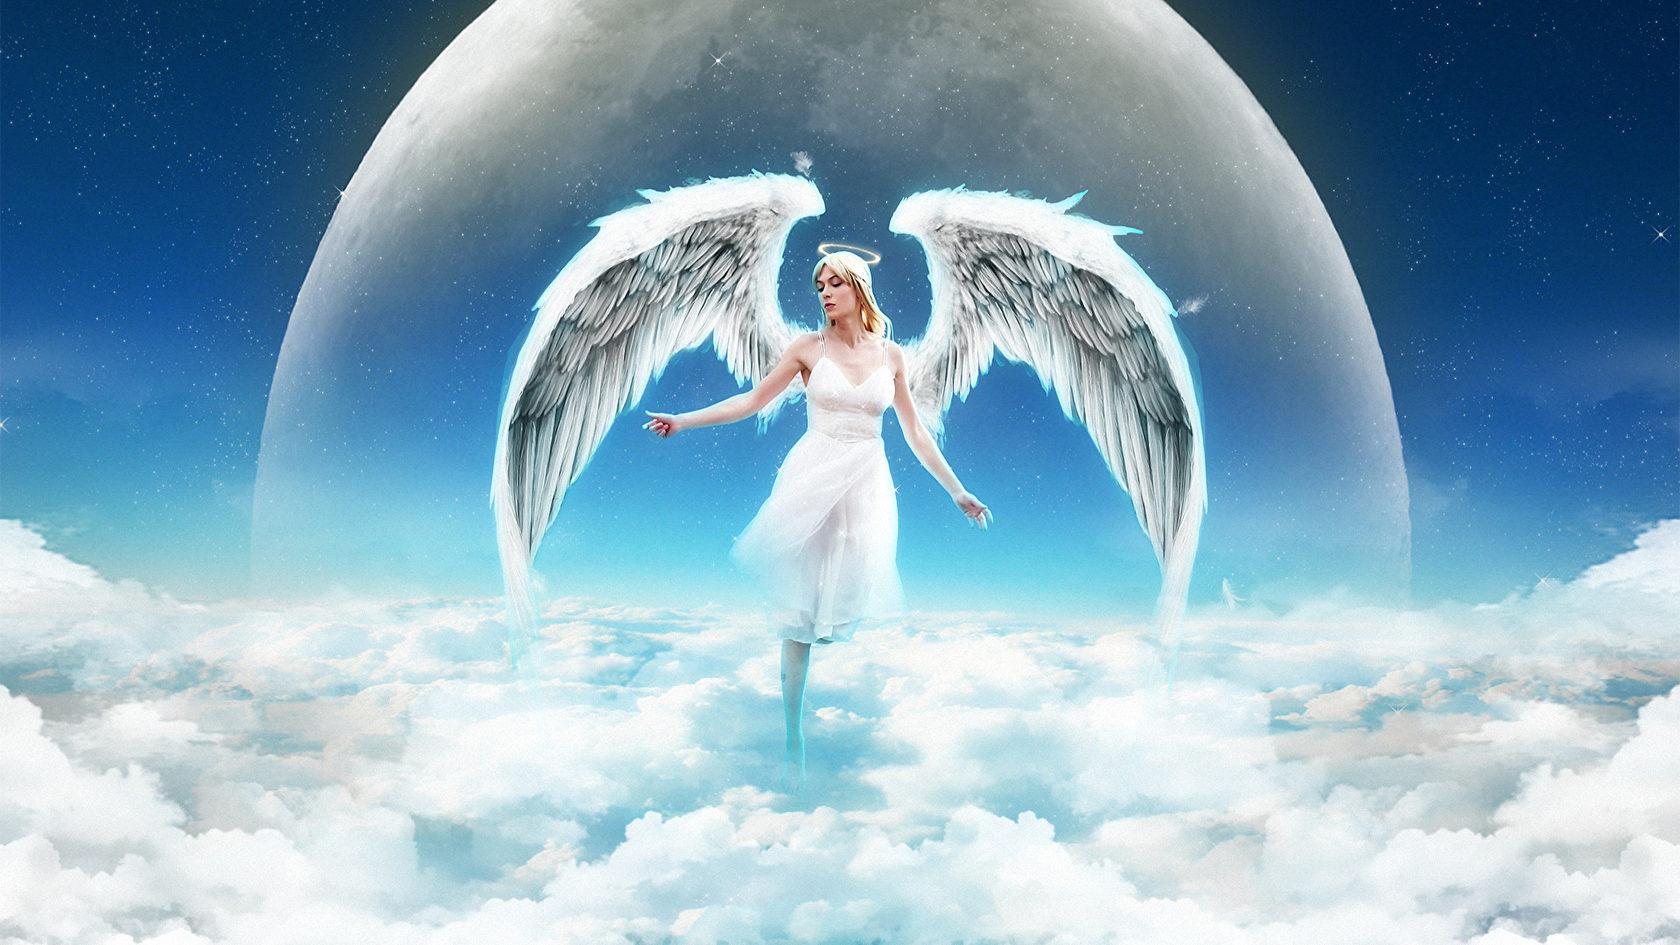 картинки ангельский хорошем качестве рамы сочетаются белой